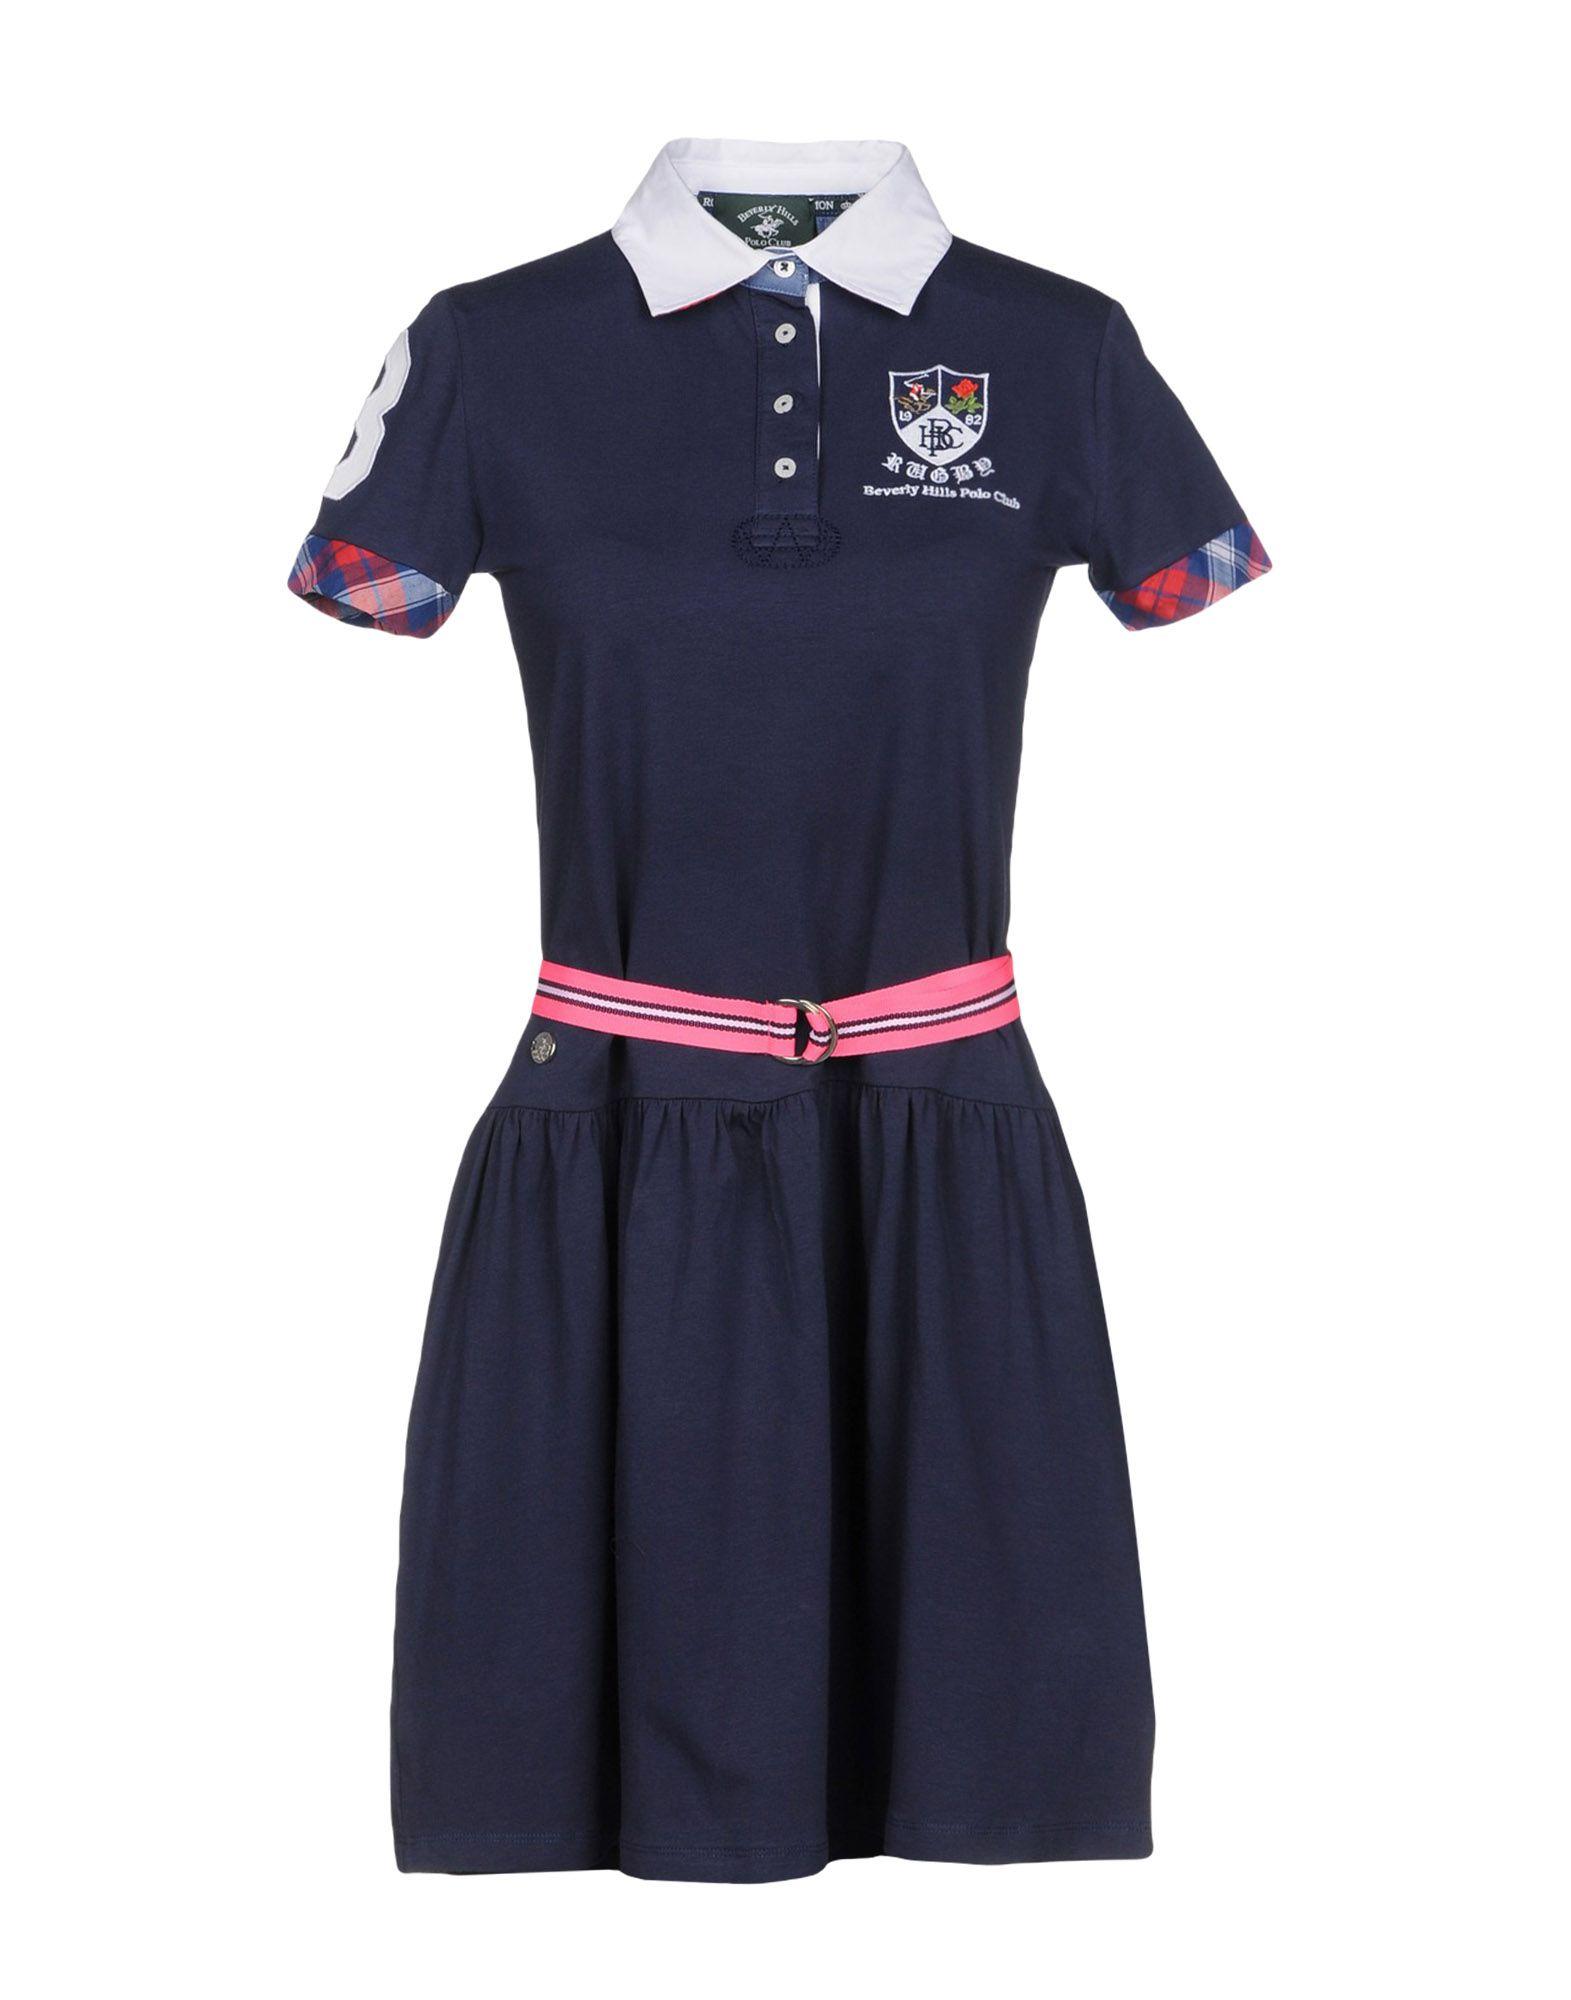 BEVERLY HILLS POLO CLUB Damen Kurzes Kleid Farbe Dunkelblau Größe 6